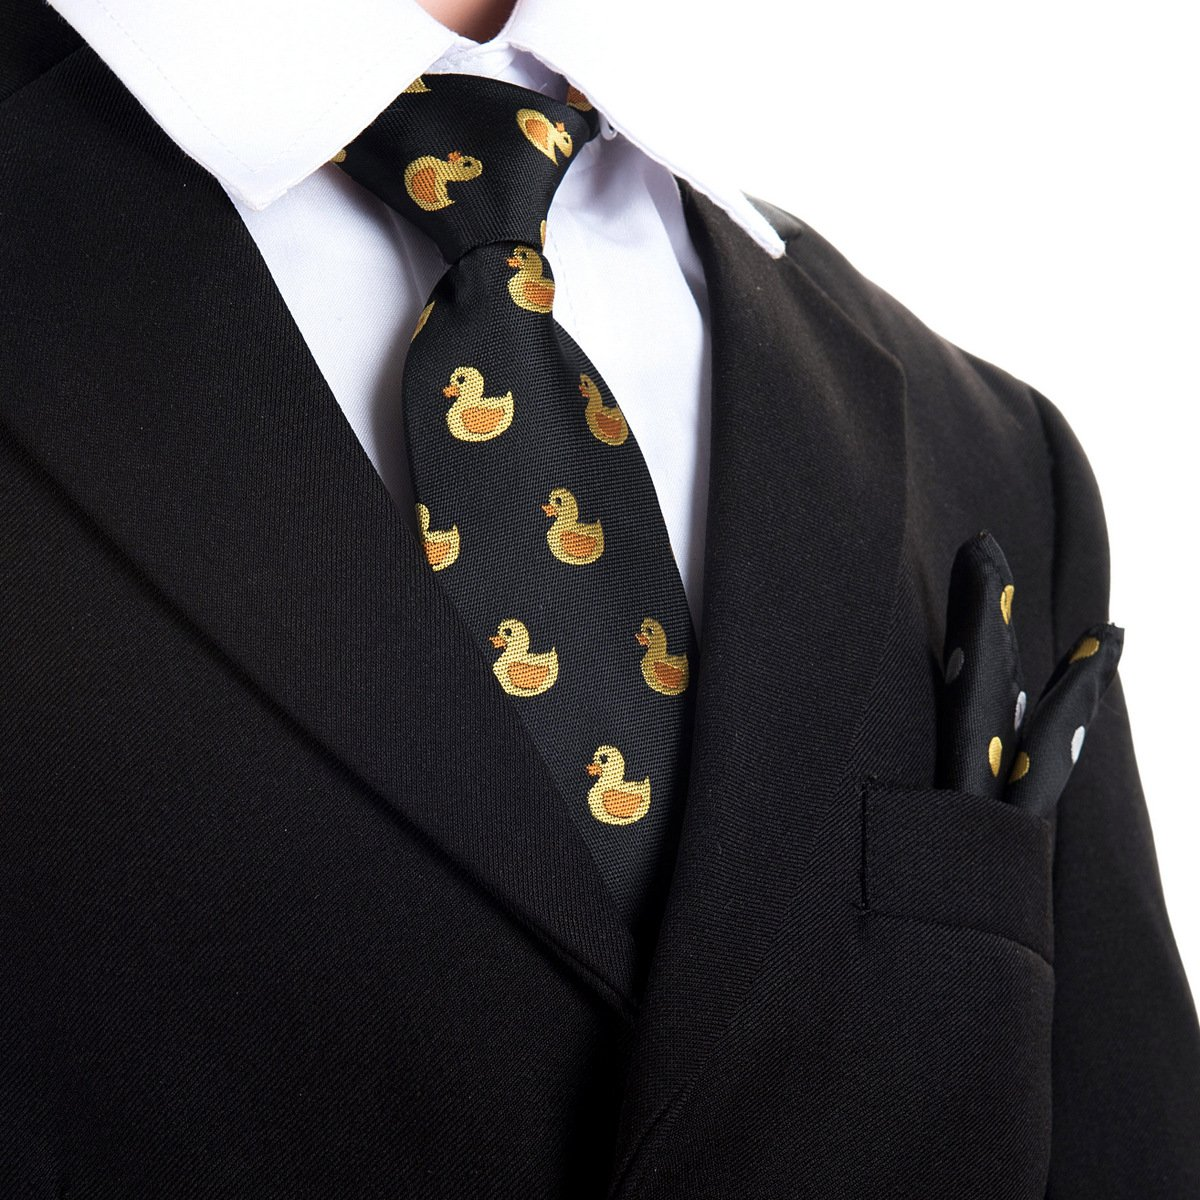 Canacana Paperella di gomma da bambino Pre-Legato cravatta con pois tascabile quadrato set